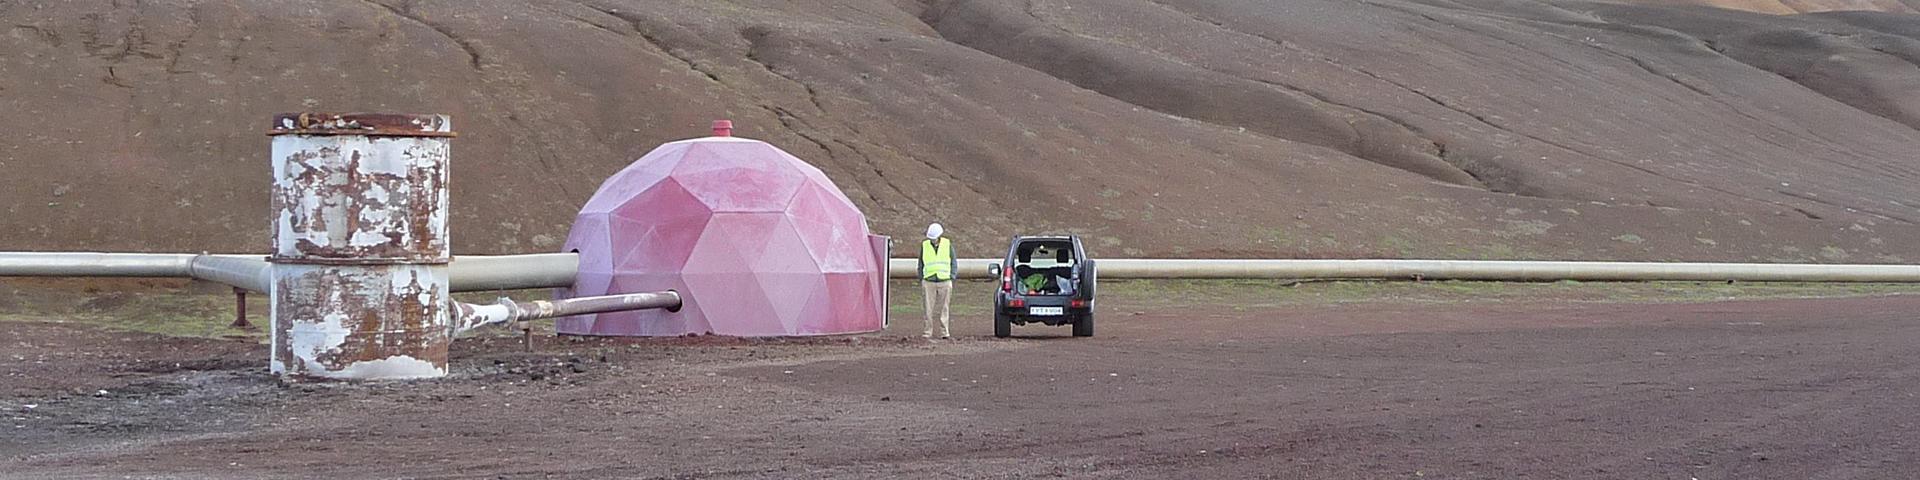 Tête de forage géothermal, Islande